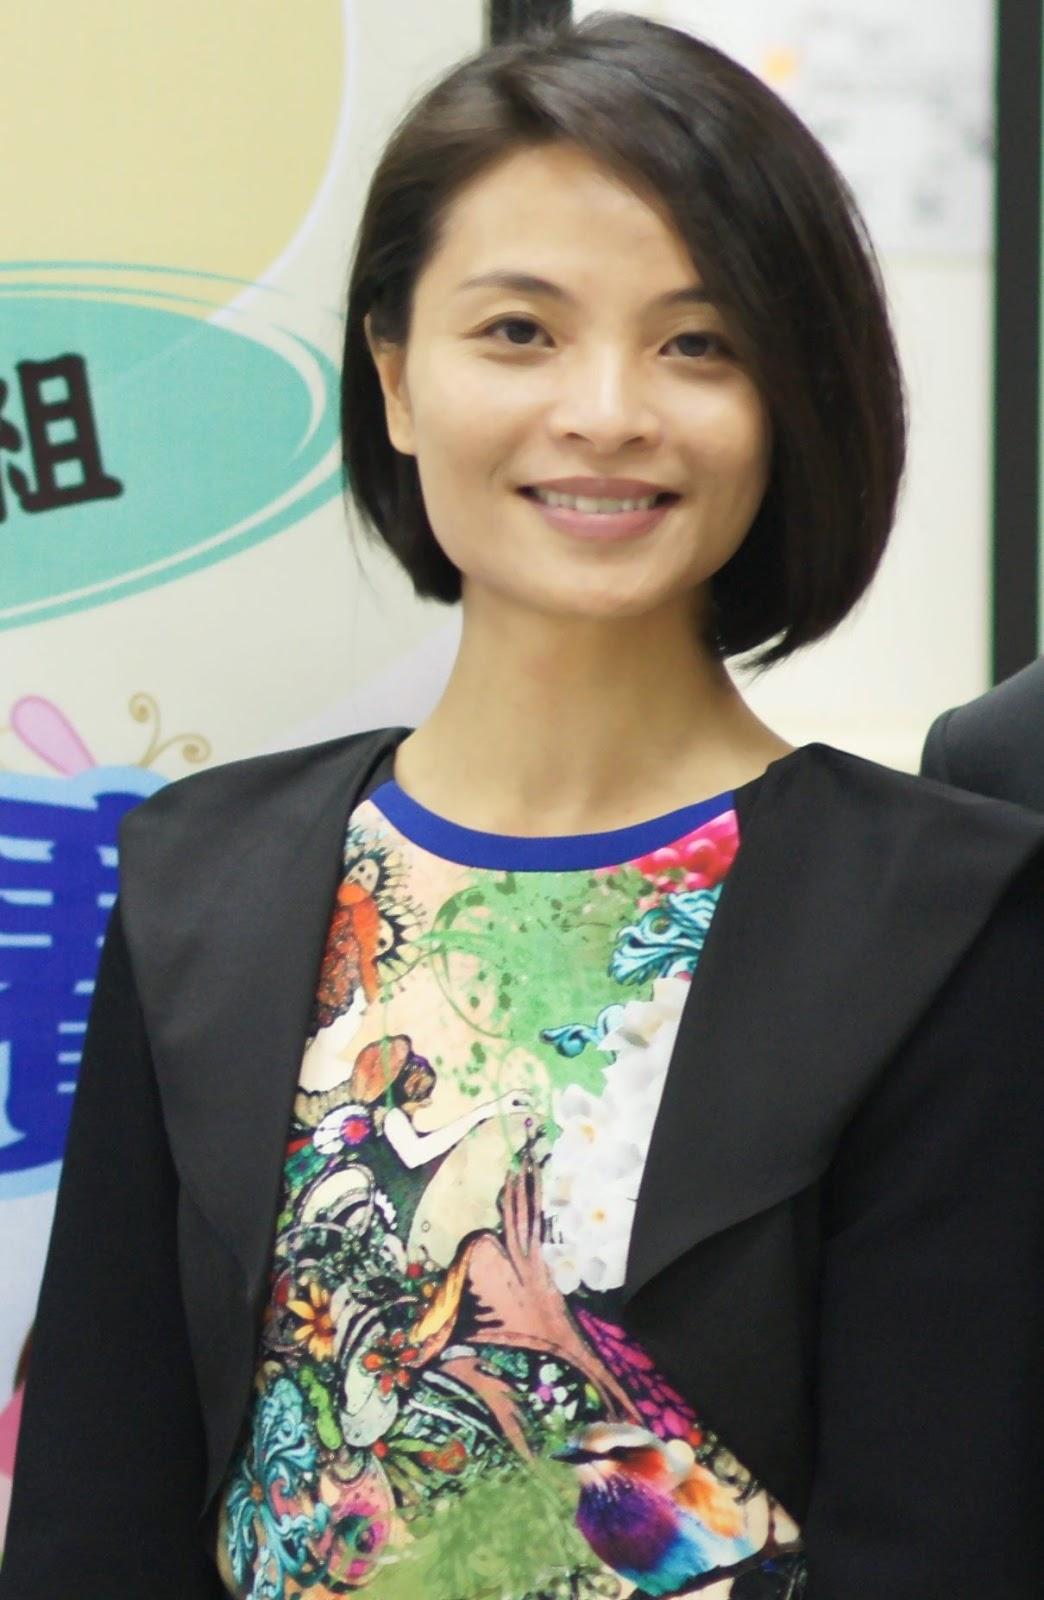 羅嘉玲 Lo Kar Ling : 工聯會 2019年 春季課程 已於 1 月 13 日 開始接受報名